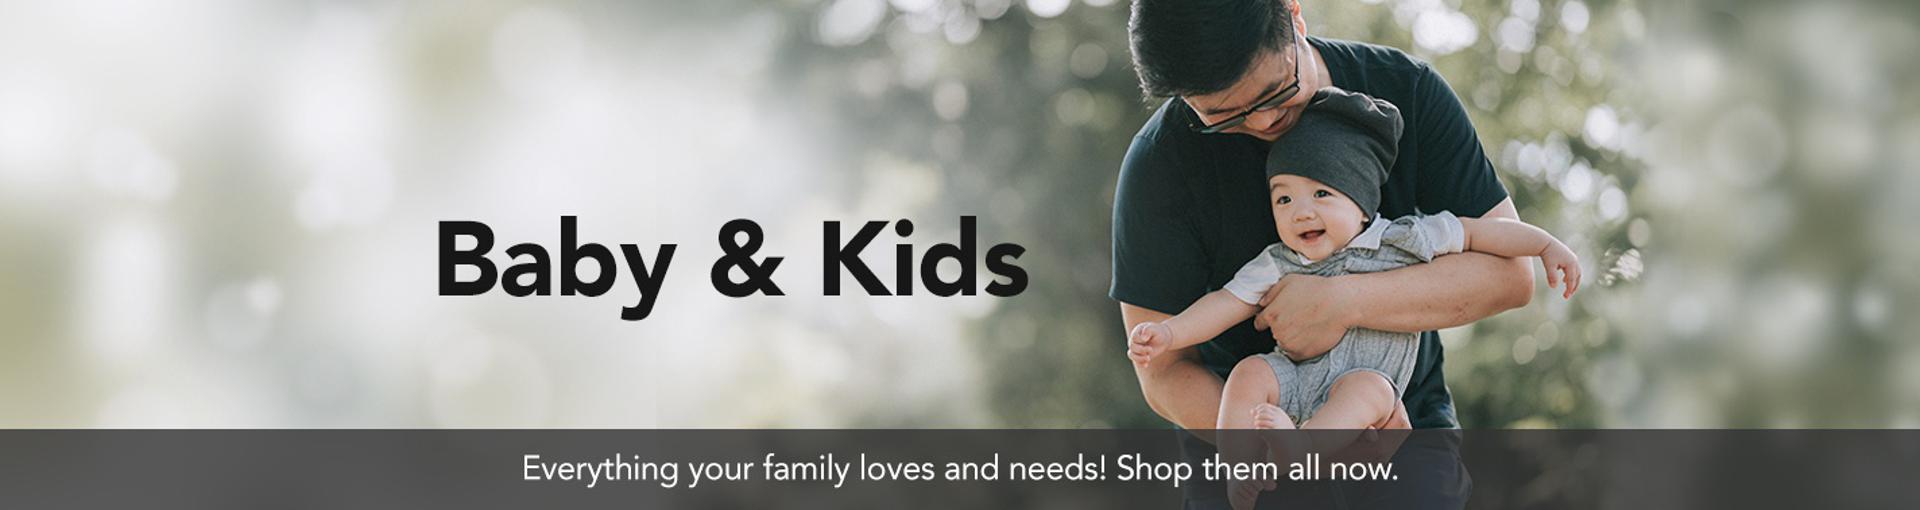 https://media.nedigital.sg/fairprice/images/a0c60226-b006-4754-8656-34542bdd6d6b/YoungFamily-BabyKidsV3-HomeBanner-May2021.jpg